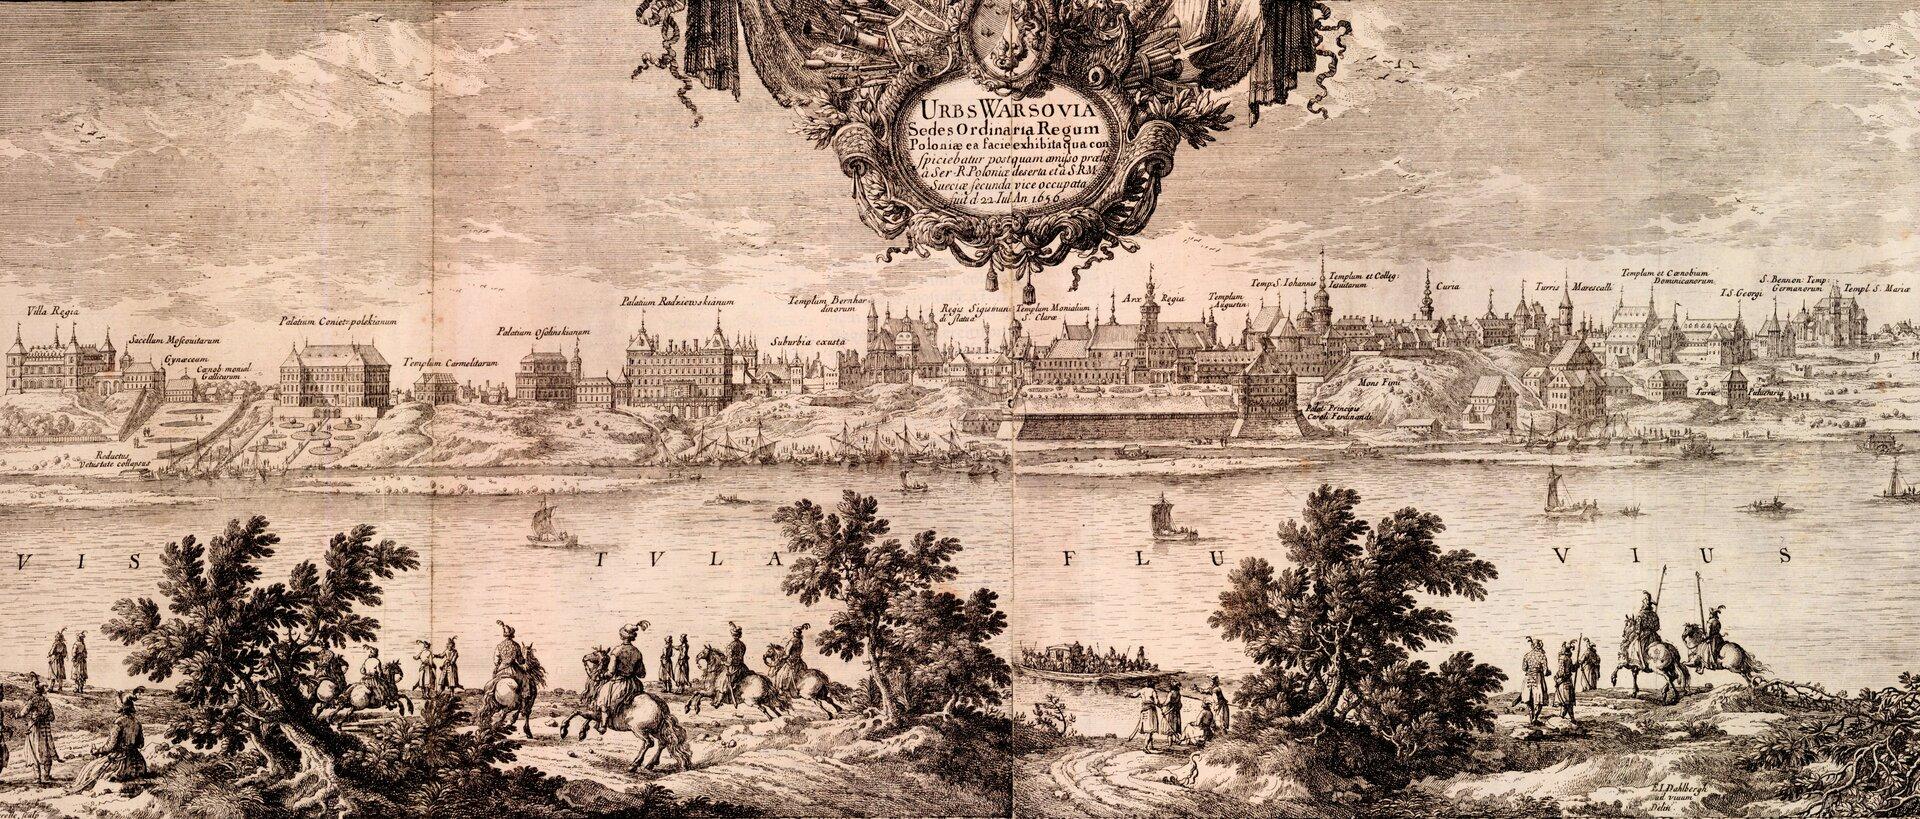 Samuel von Pufendorf, Oczynach Karola Gustawa, króla Szwecji, komentarzy ksiąg siedem, Norymberga 1696 Niebroniona Warszawa, zajęta przez wojska szwedzkie 8 września 1655 roku. Szwedzkimi oddziałami dowodziłKarol XGustaw. Źródło: Erik Dahlbergh, Samuel von Pufendorf, Oczynach Karola Gustawa, króla Szwecji, komentarzy ksiąg siedem, Norymberga 1696, 1655, domena publiczna.